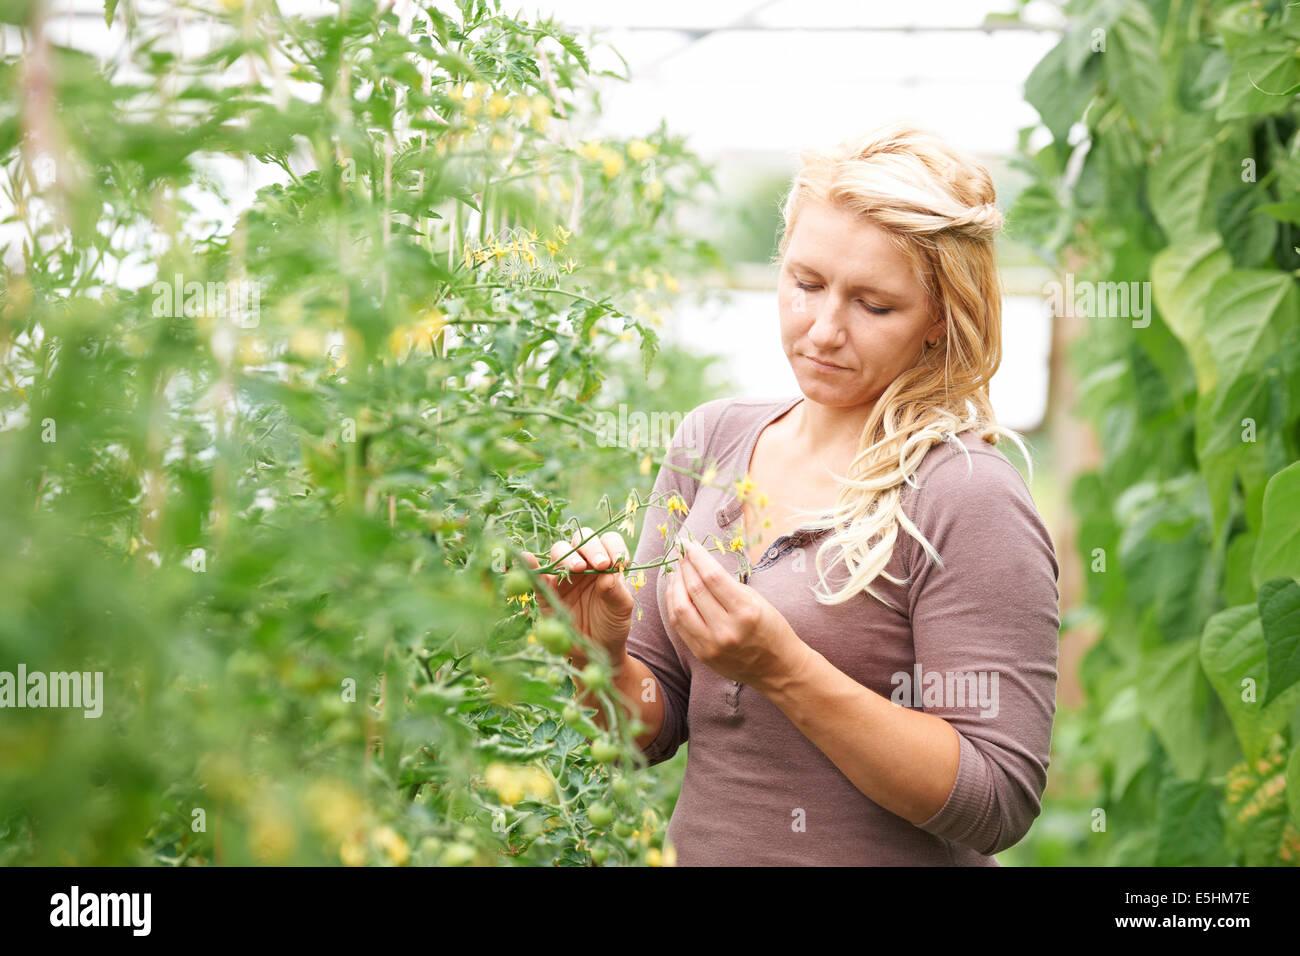 Los trabajadores agrícolas en invernadero control de plantas de tomate Imagen De Stock